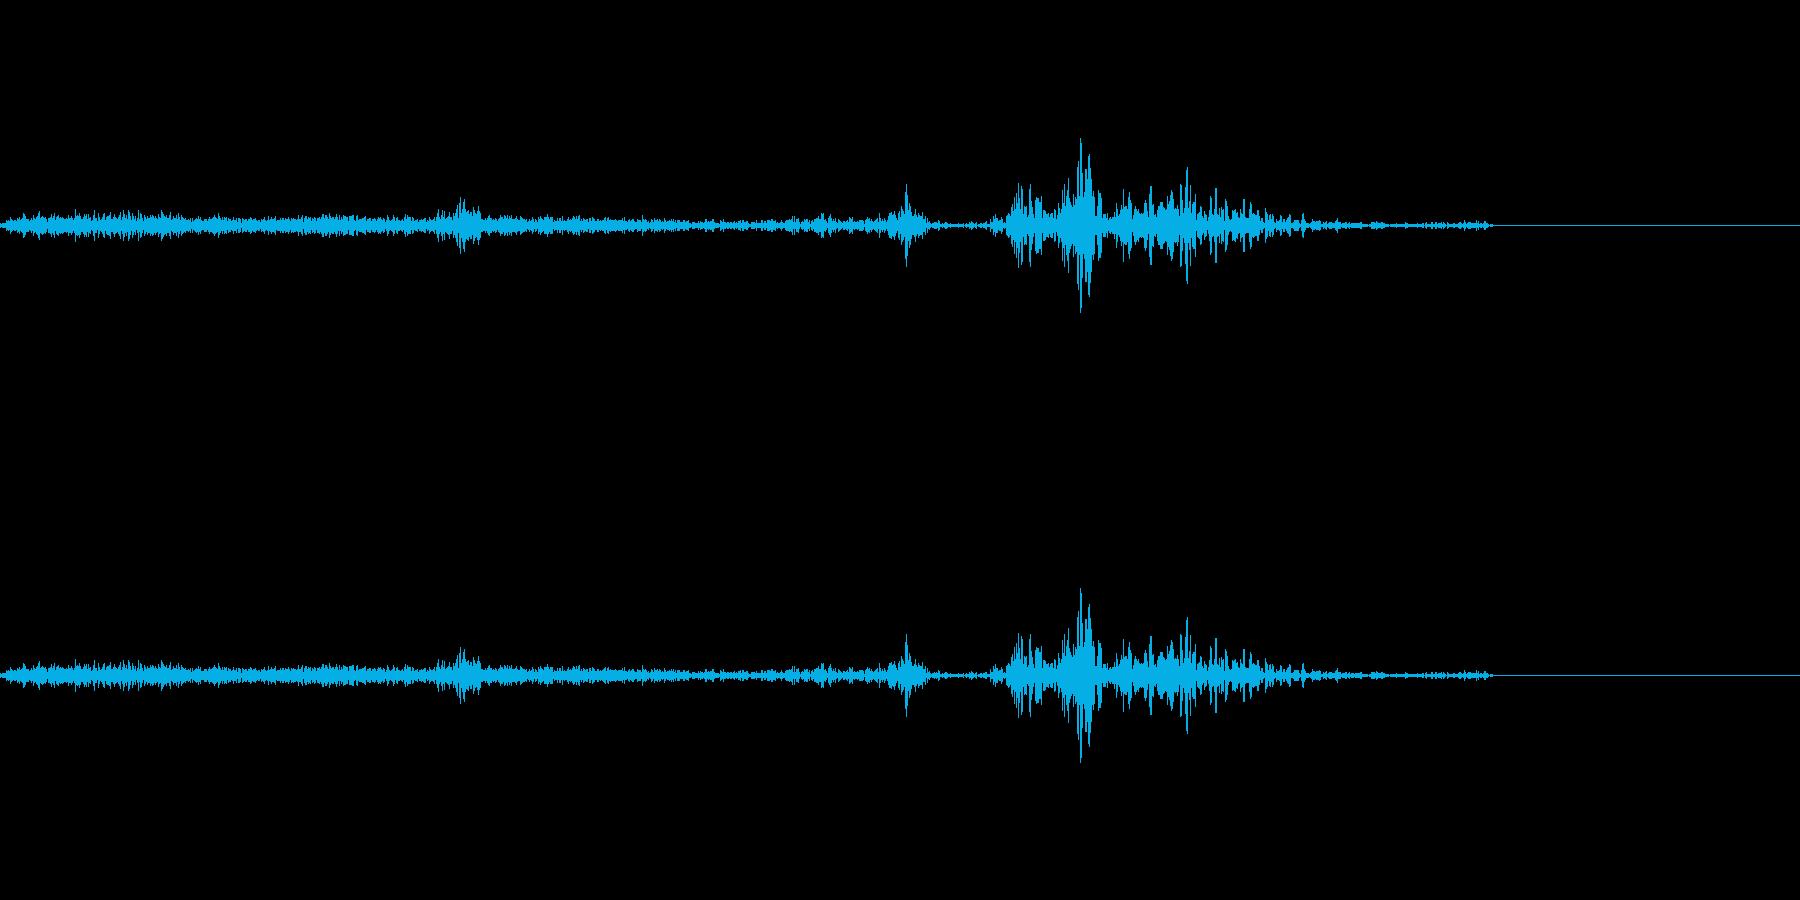 パラッ(紙をめくる音)の再生済みの波形